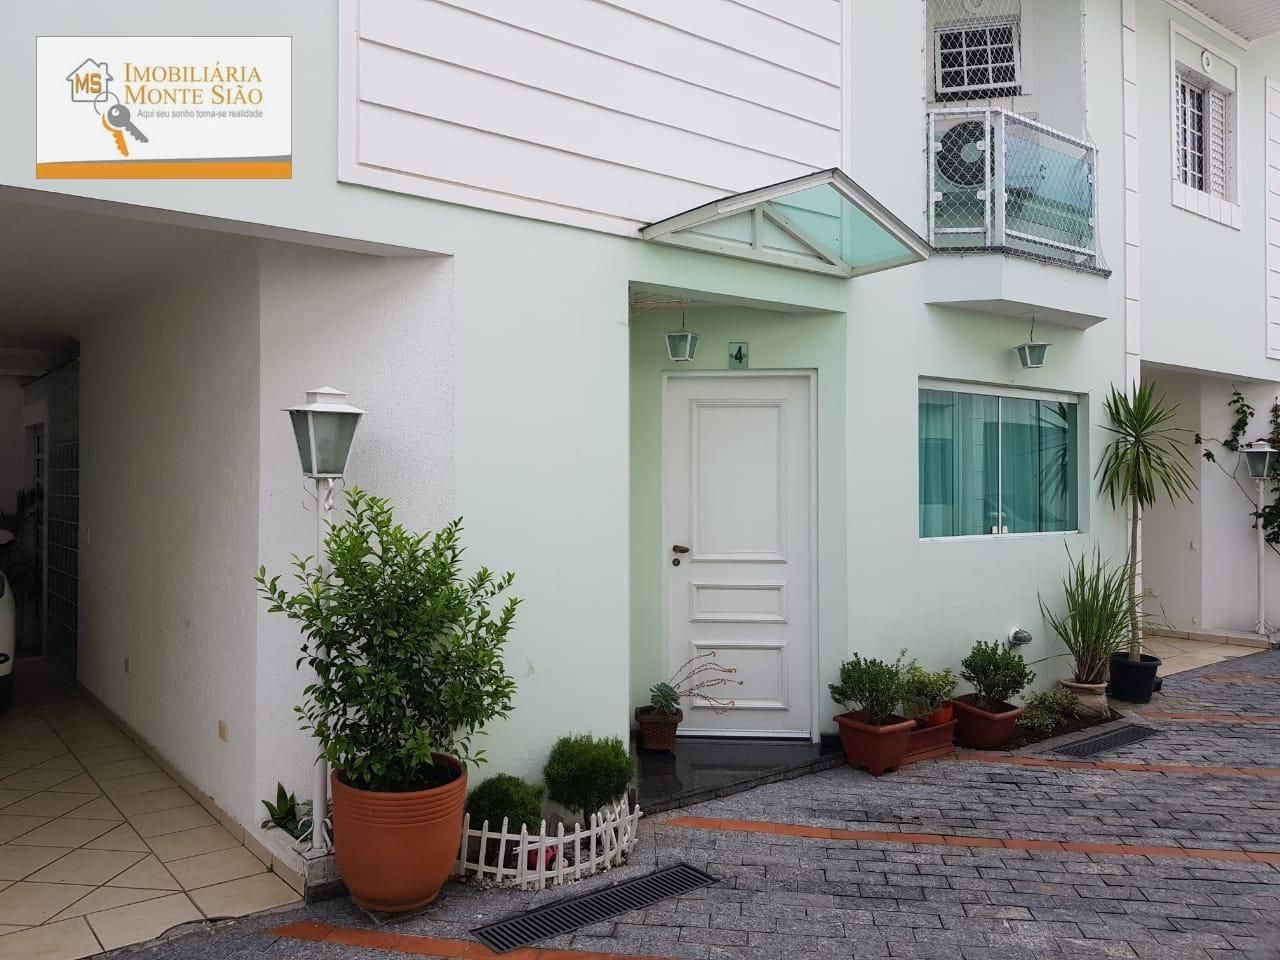 Sobrado com 2 dormitórios - Jardim Bom Clima - Guarulhos/SP